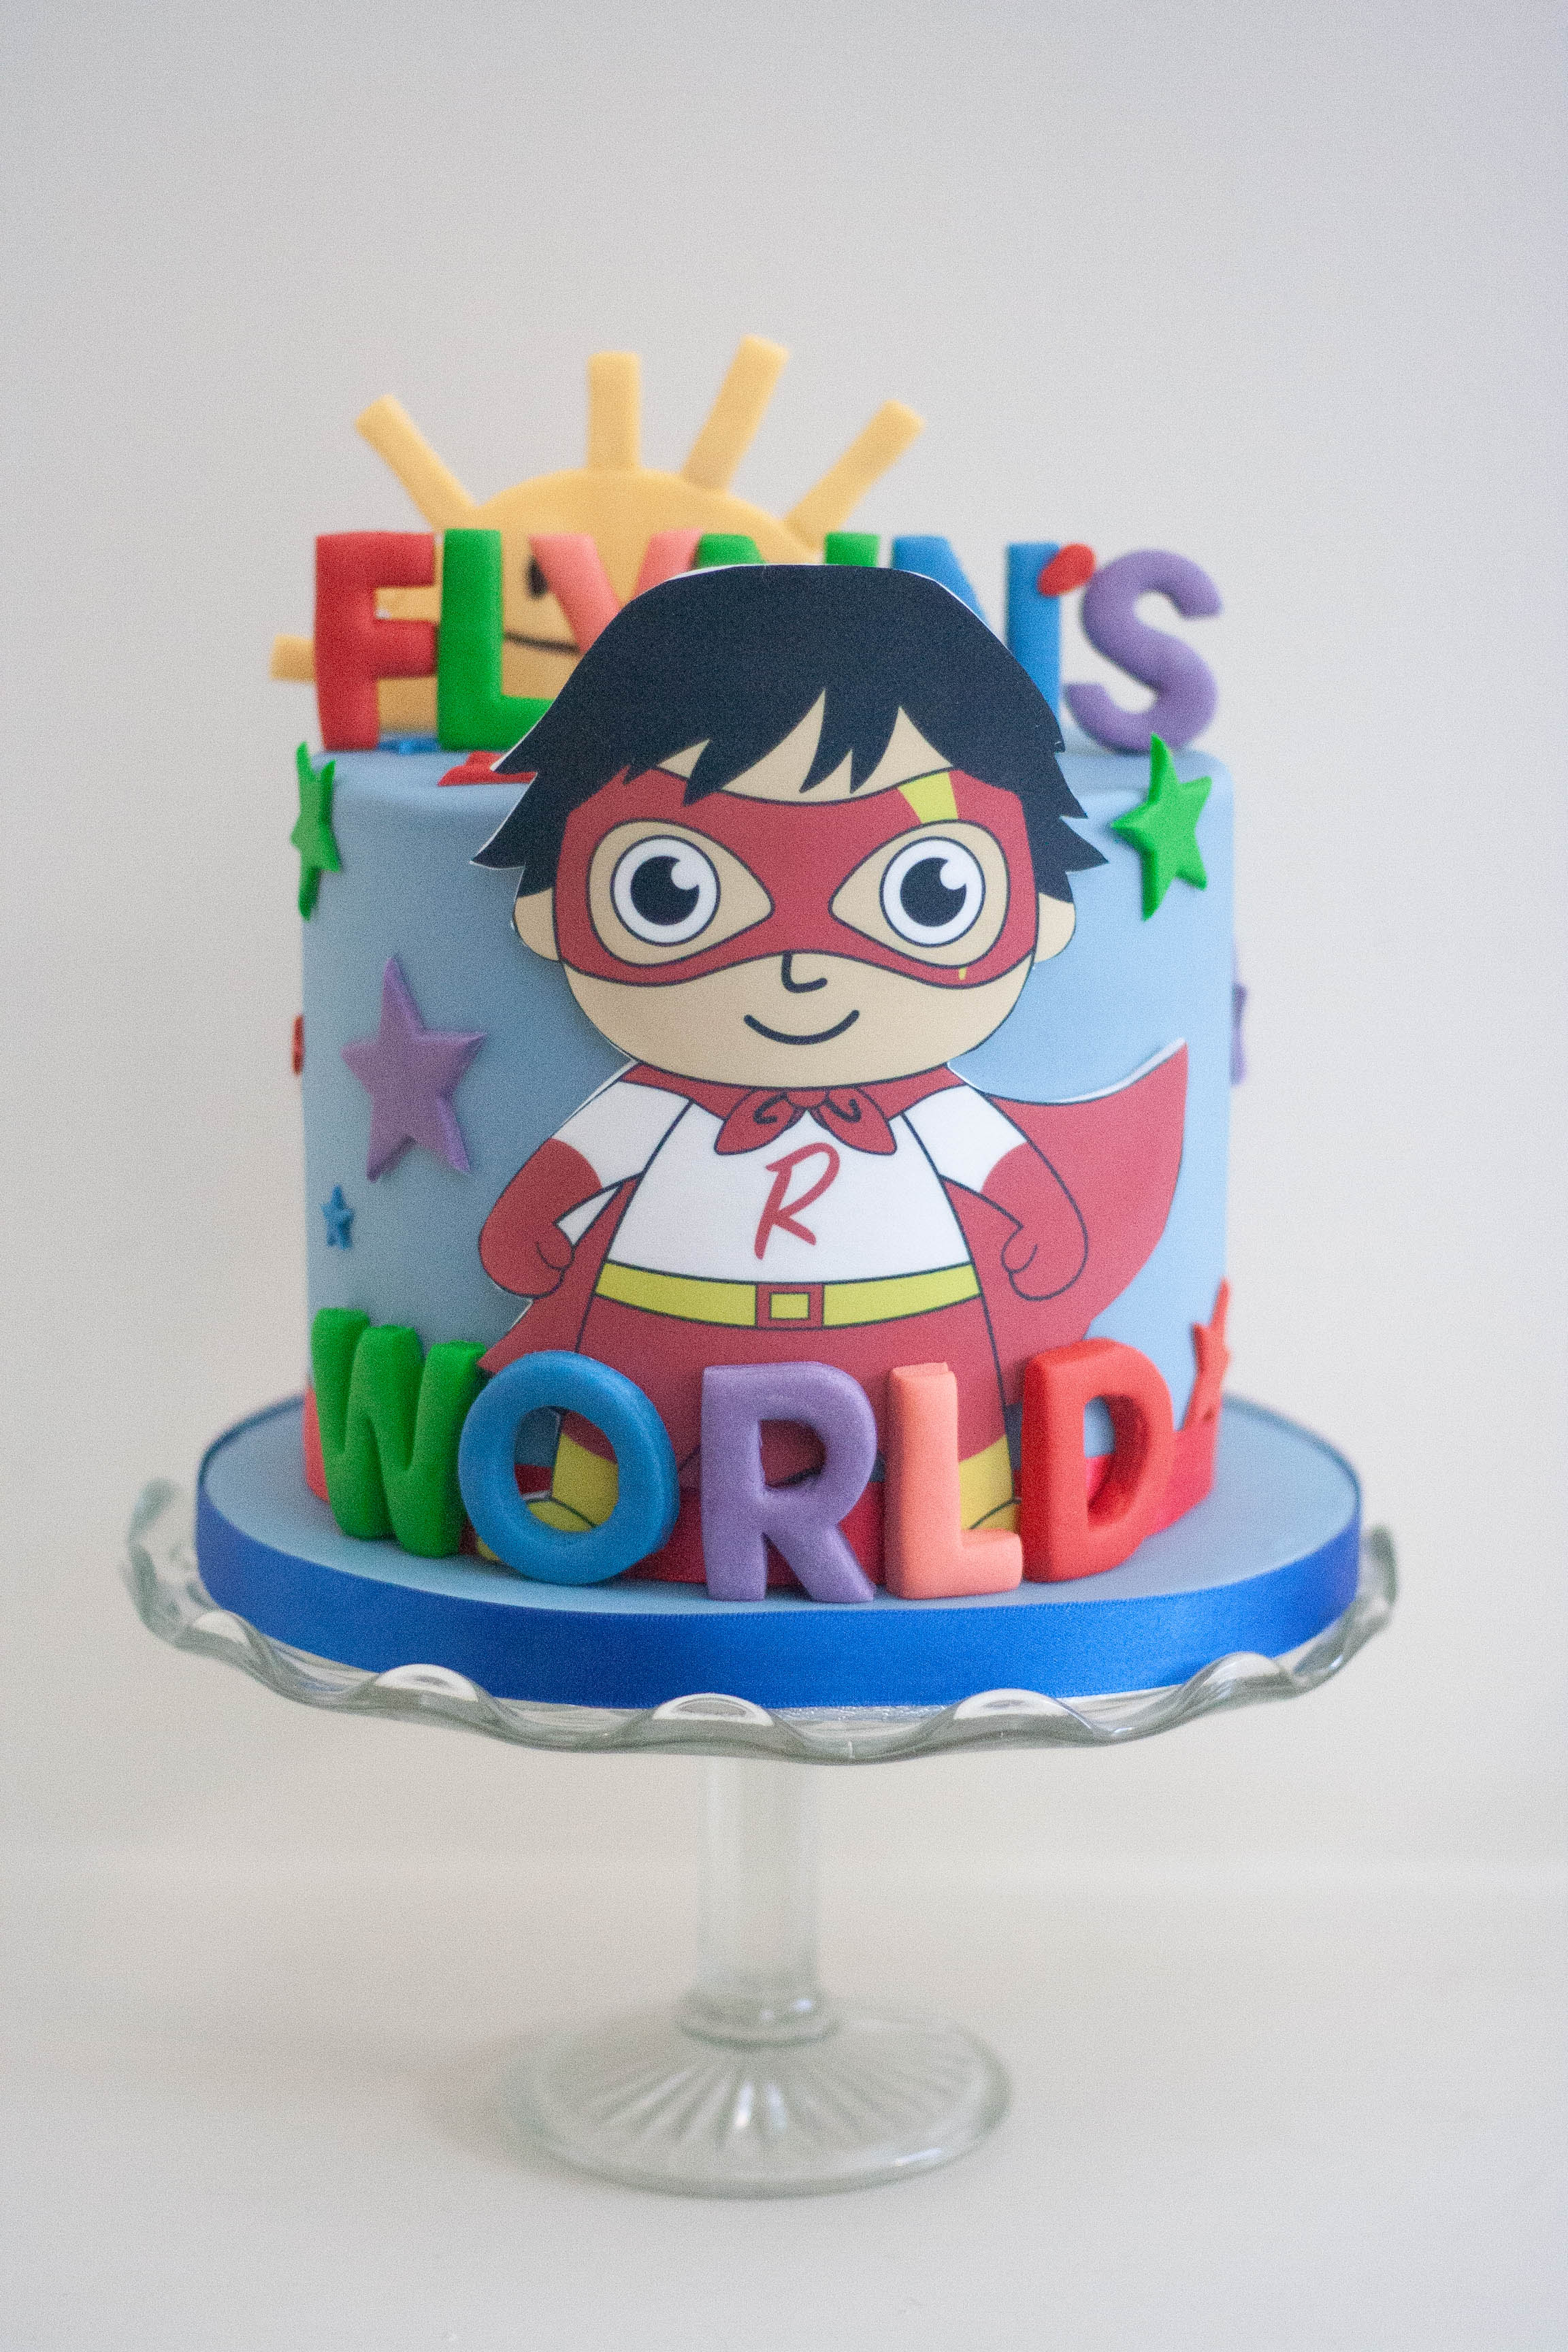 Ryan's World cake vegan